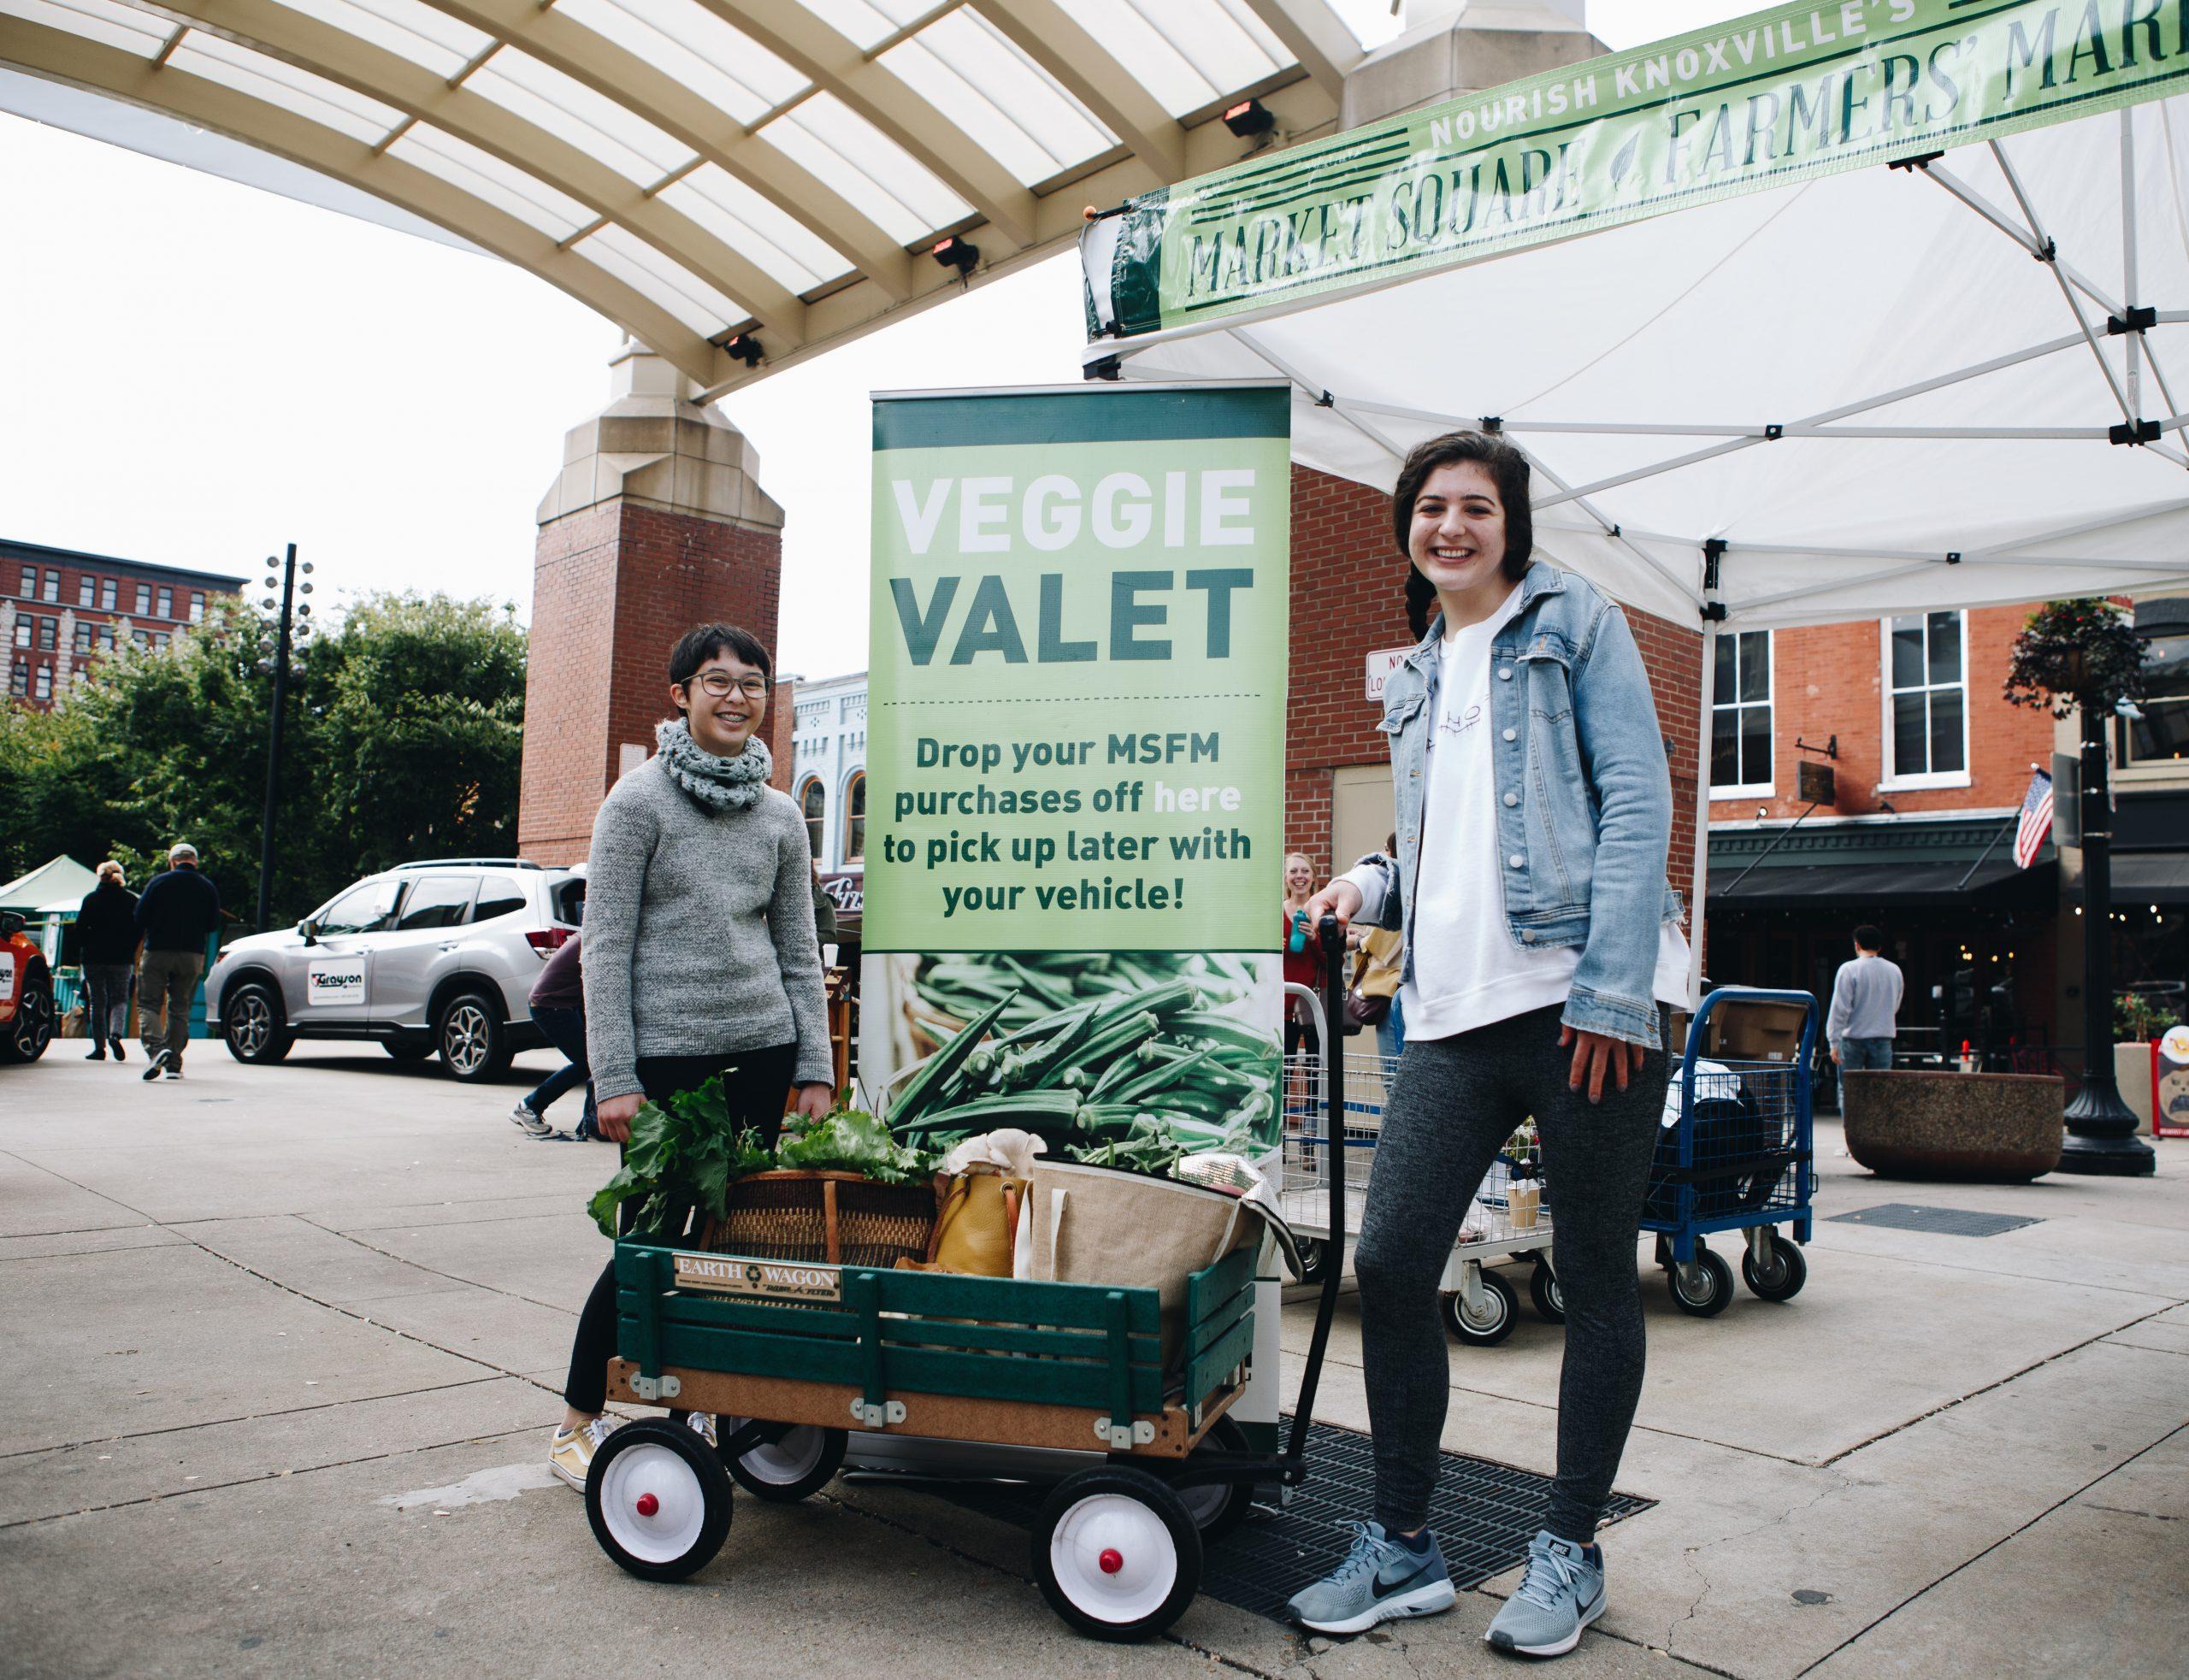 veggie-valet-tent-with-volunteers